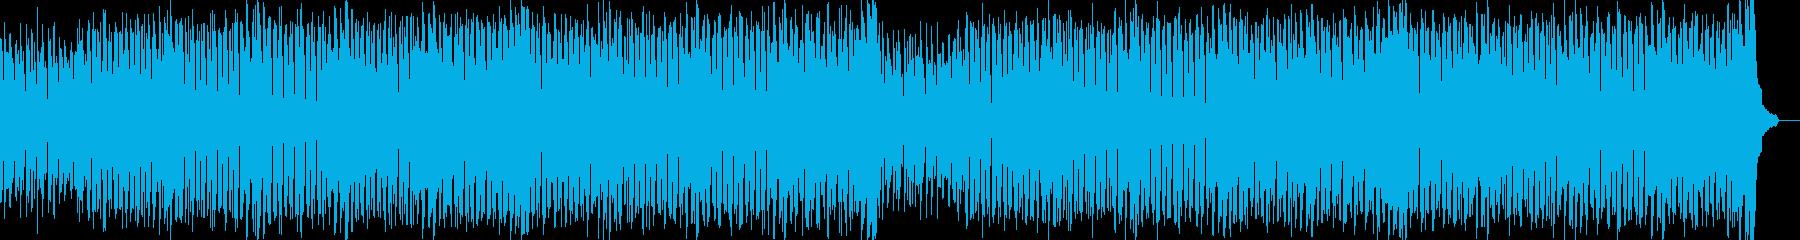 盛り上がるクールハウスの再生済みの波形